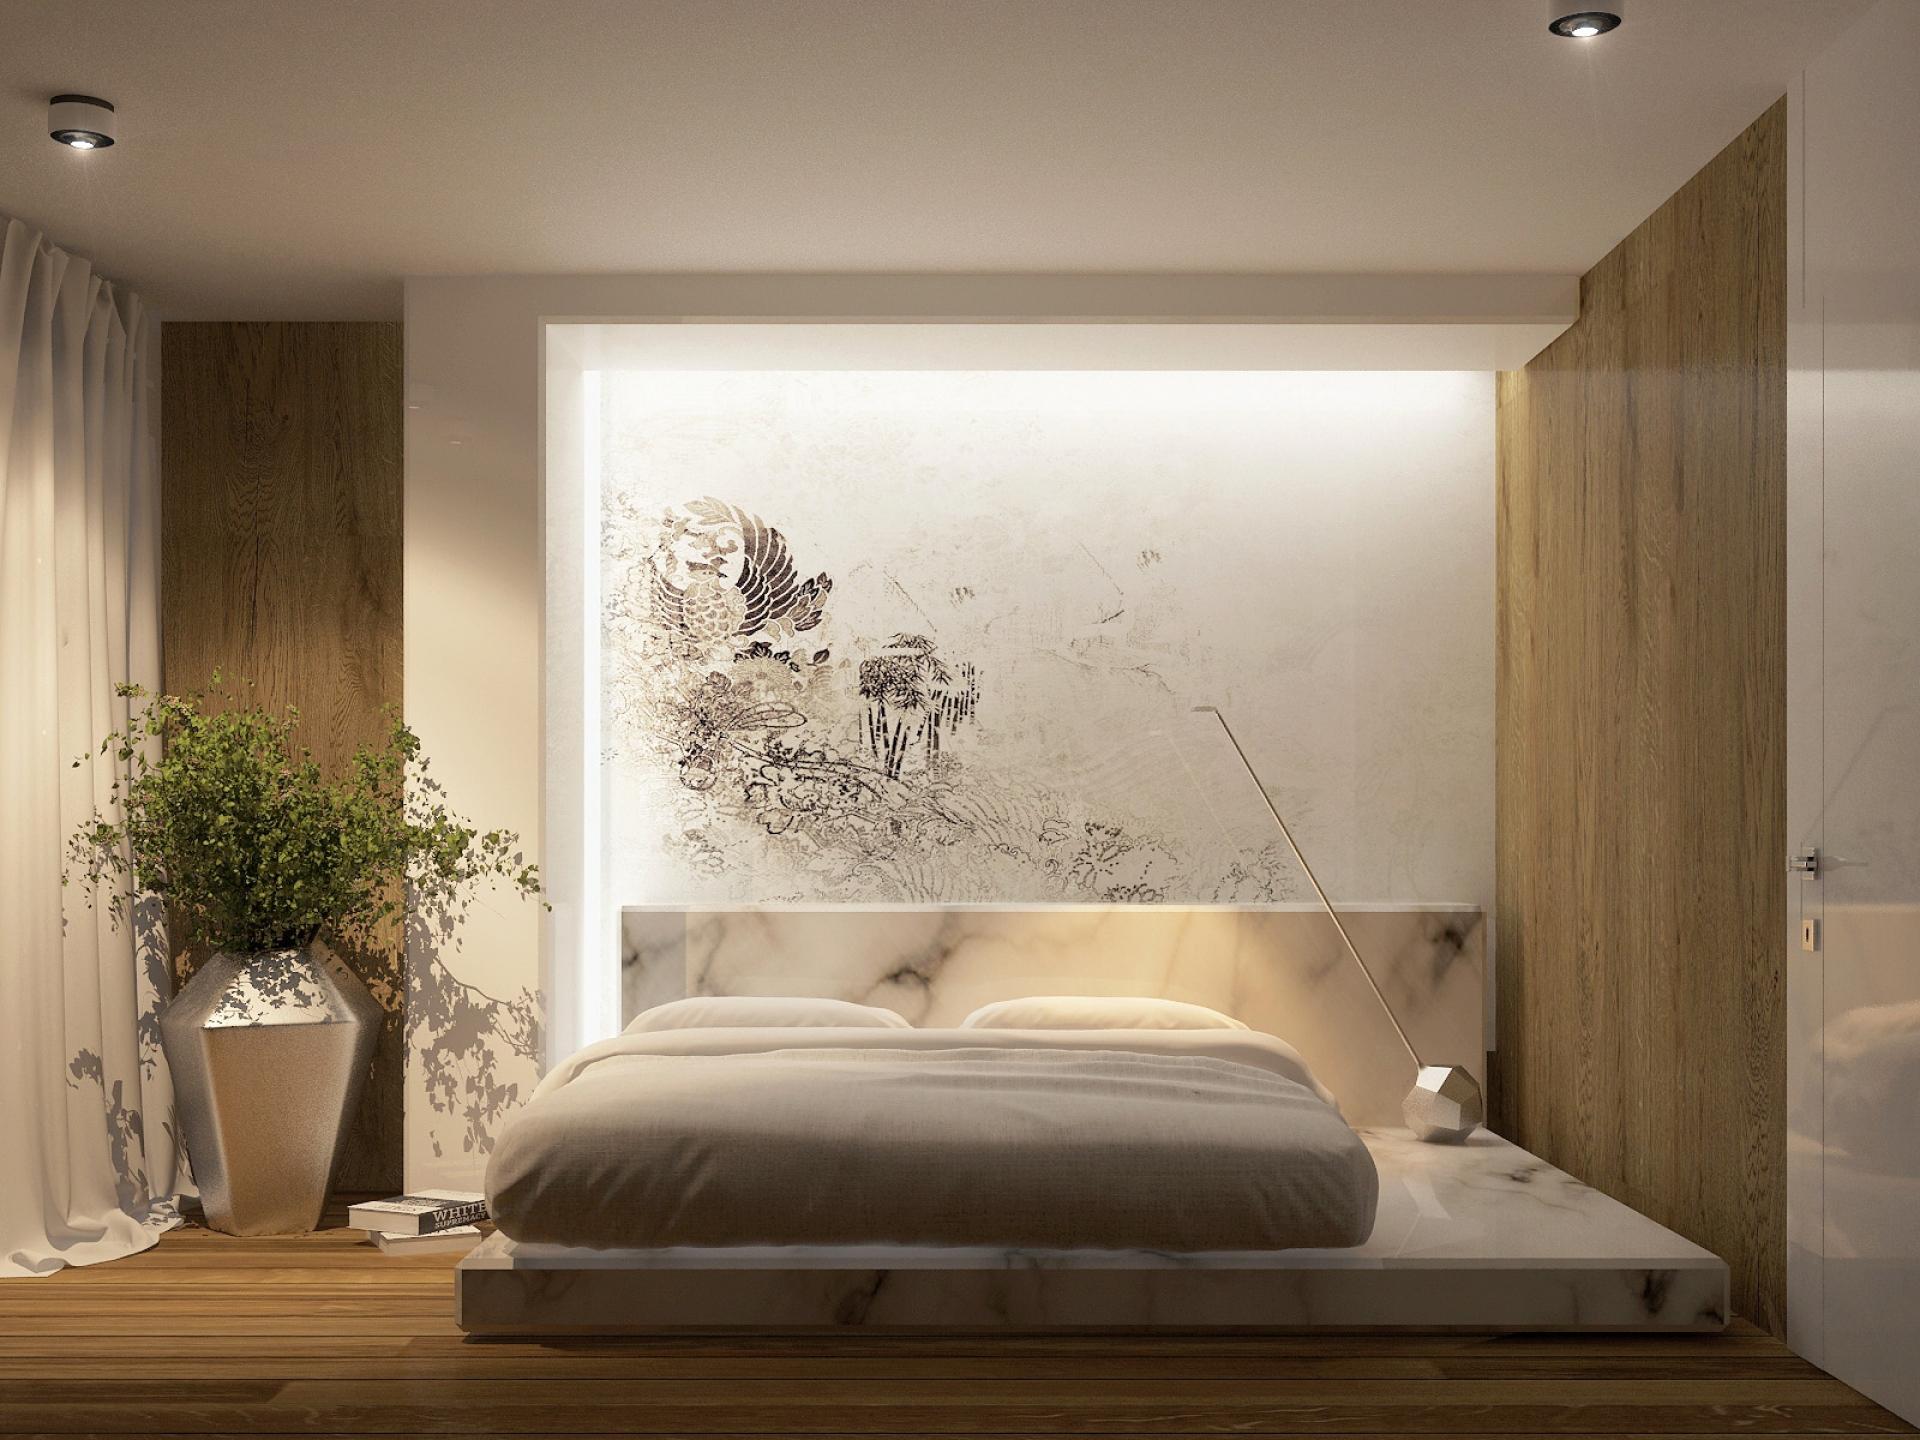 Идея интерьера спальни фото